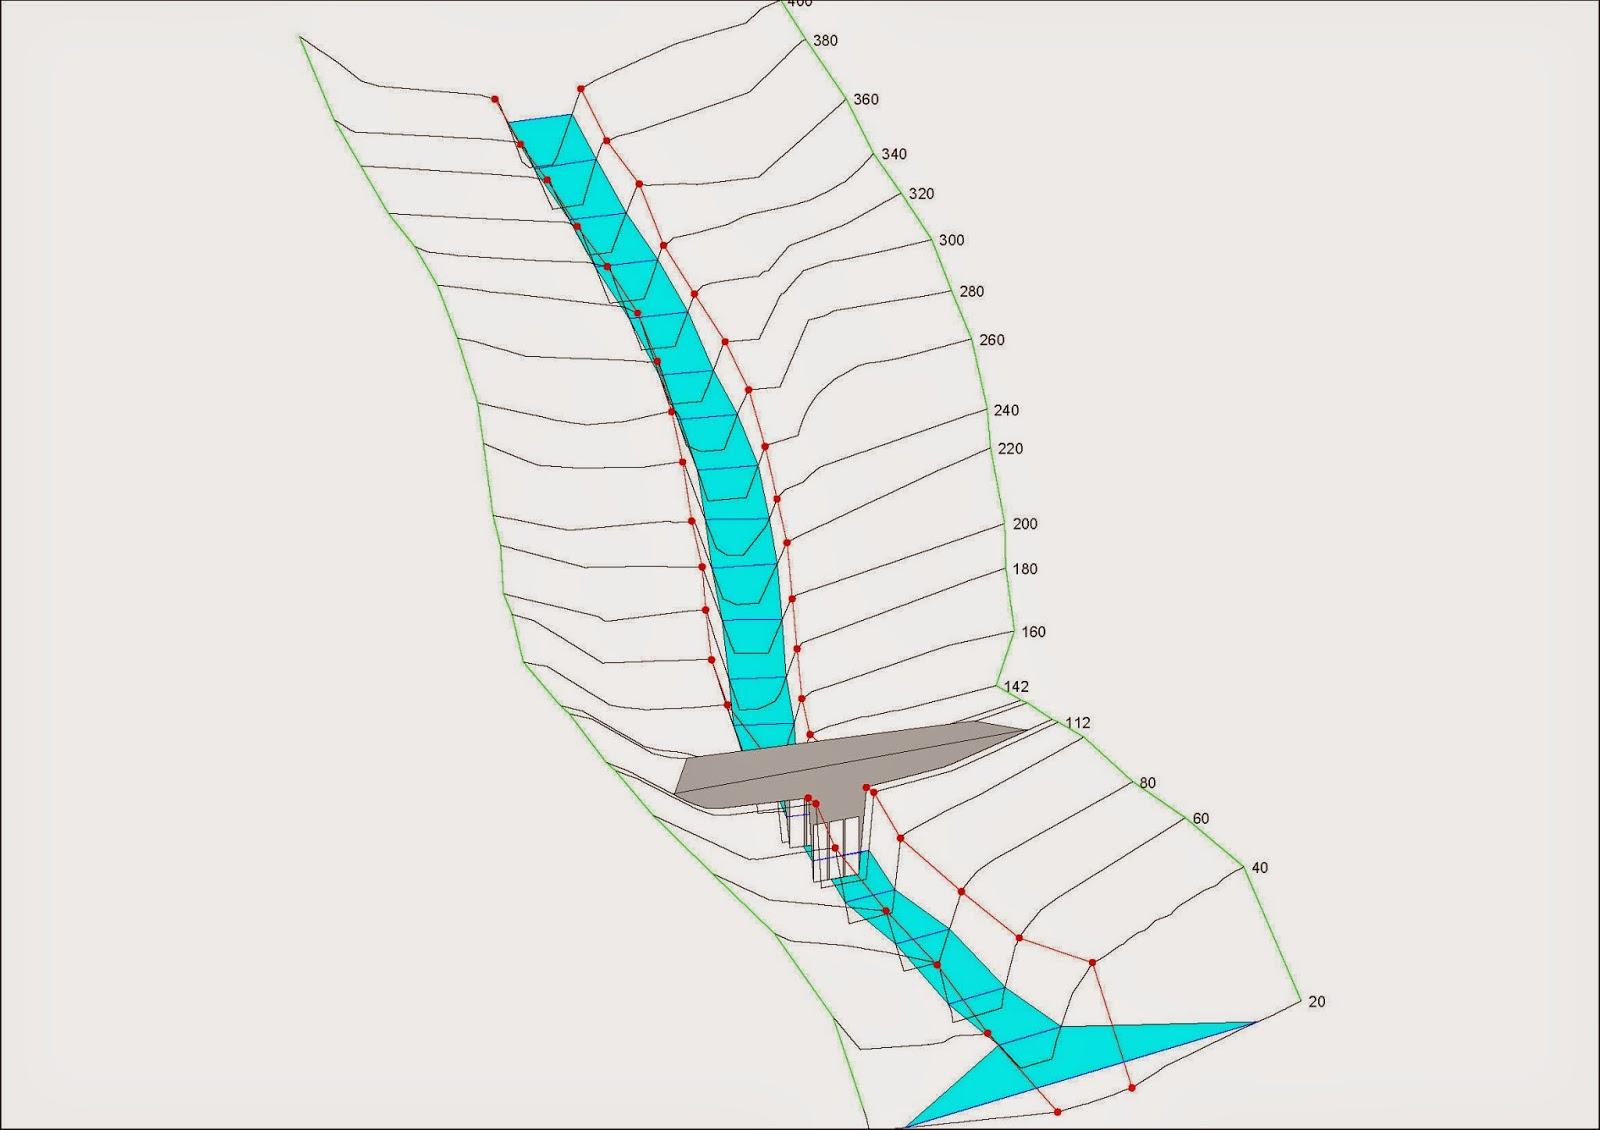 Simulación Realizada Con Hec Ras La Capaza De Un Ingeniero